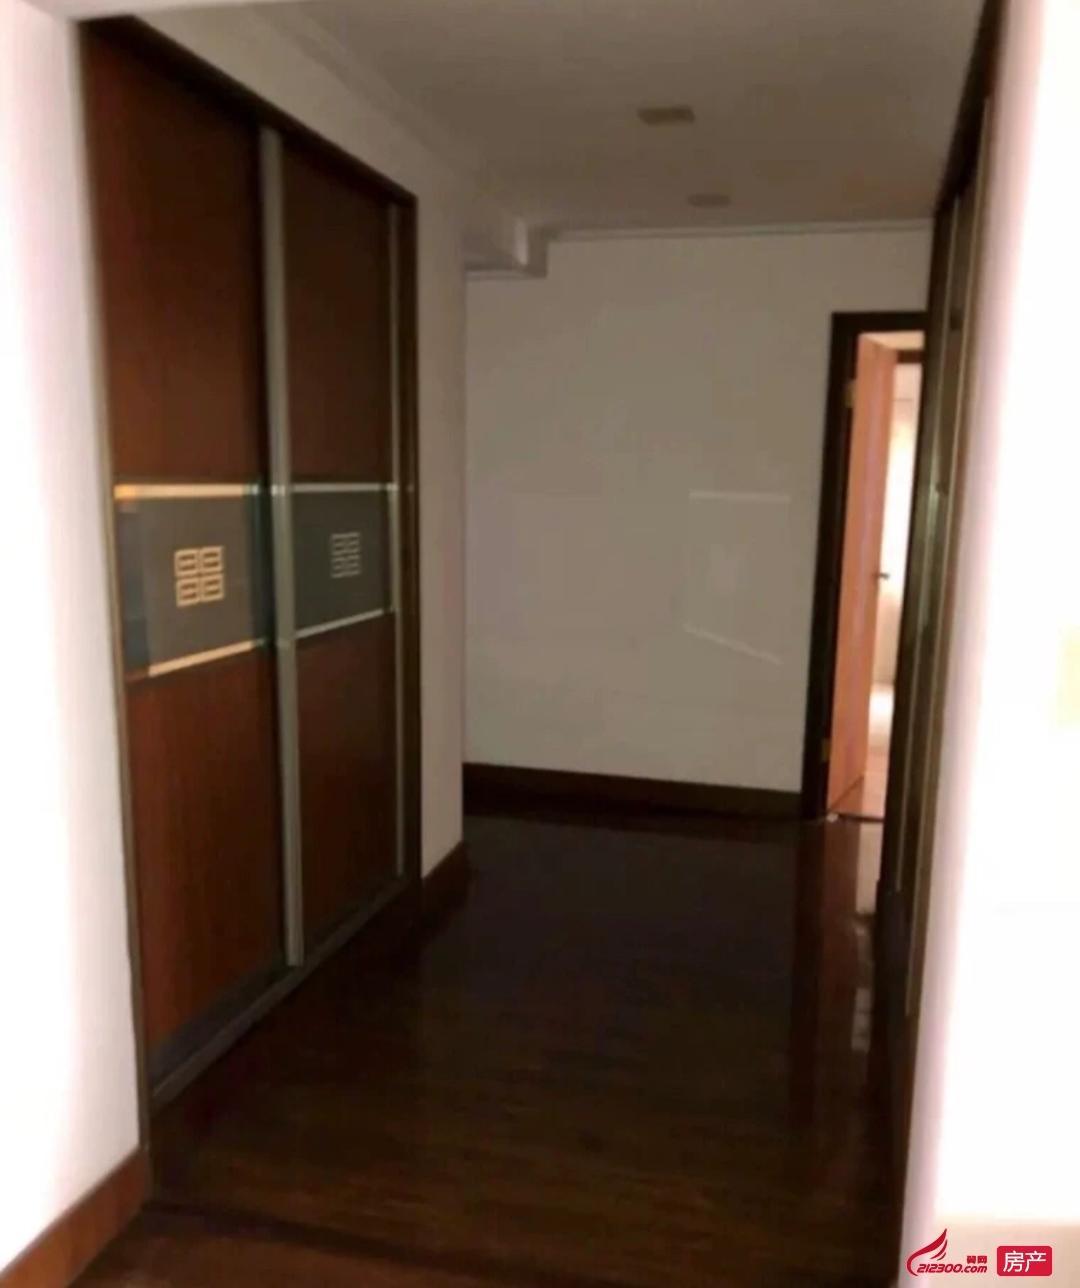 出租阳光花园2室2厅2卫110平米1900元/月住宅